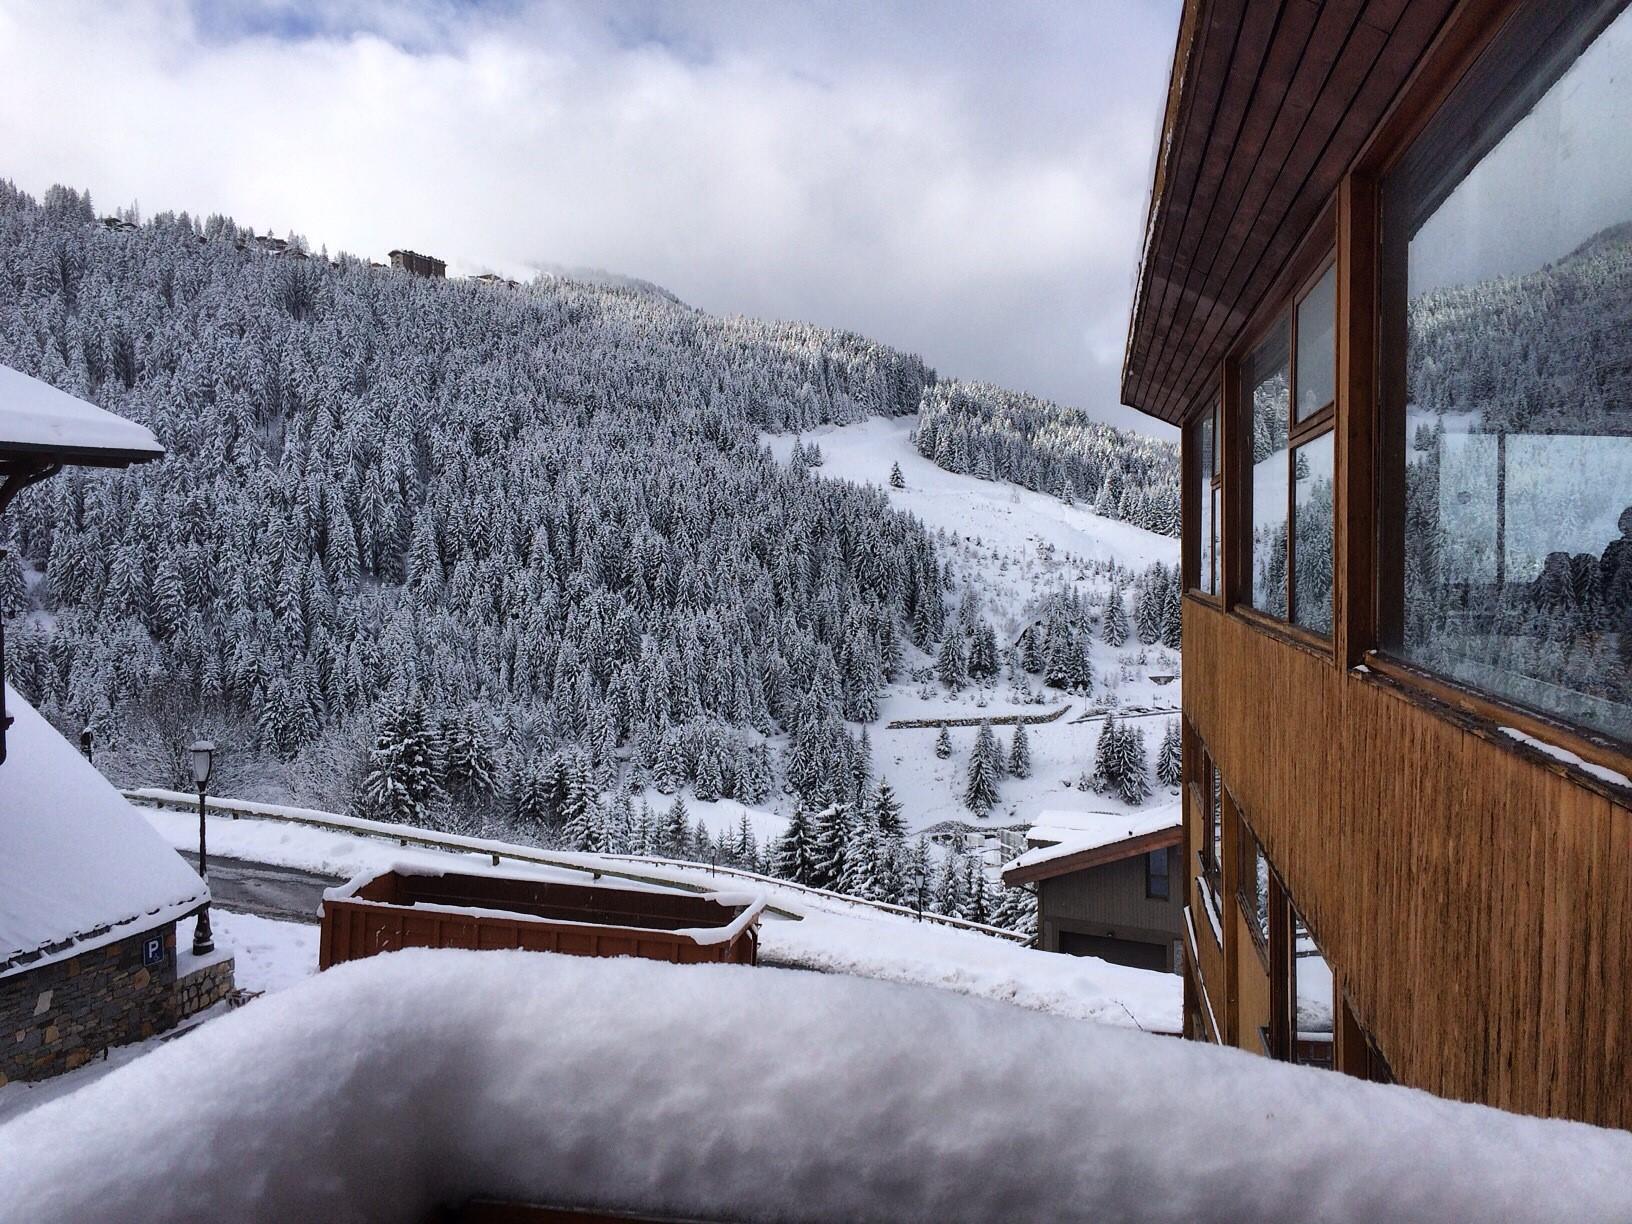 La neige en abondance à Courchevel!